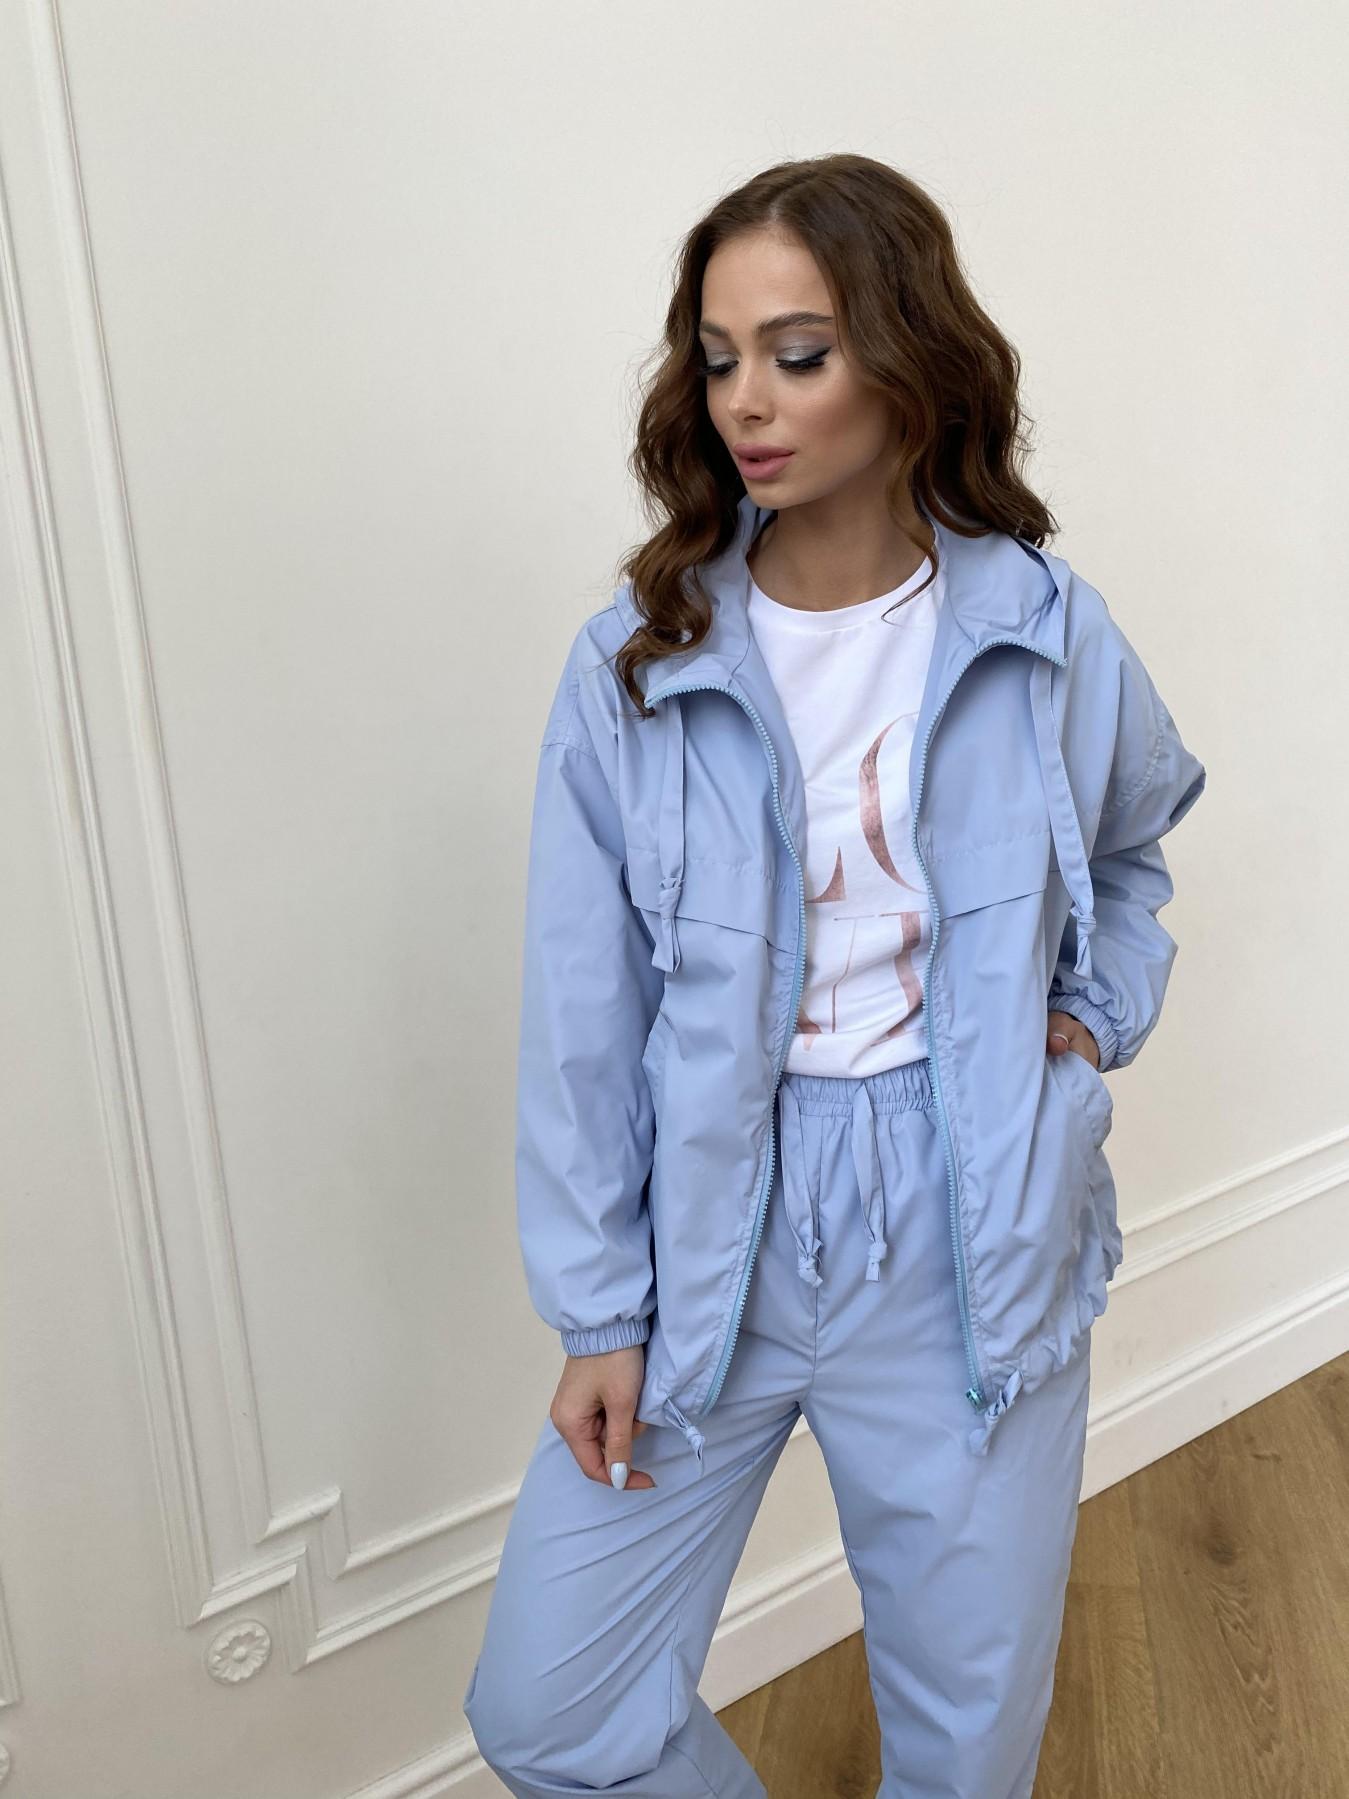 Фит куртка из плащевой ткани Ammy 11013 АРТ. 47712 Цвет: Голубой 1021 - фото 6, интернет магазин tm-modus.ru